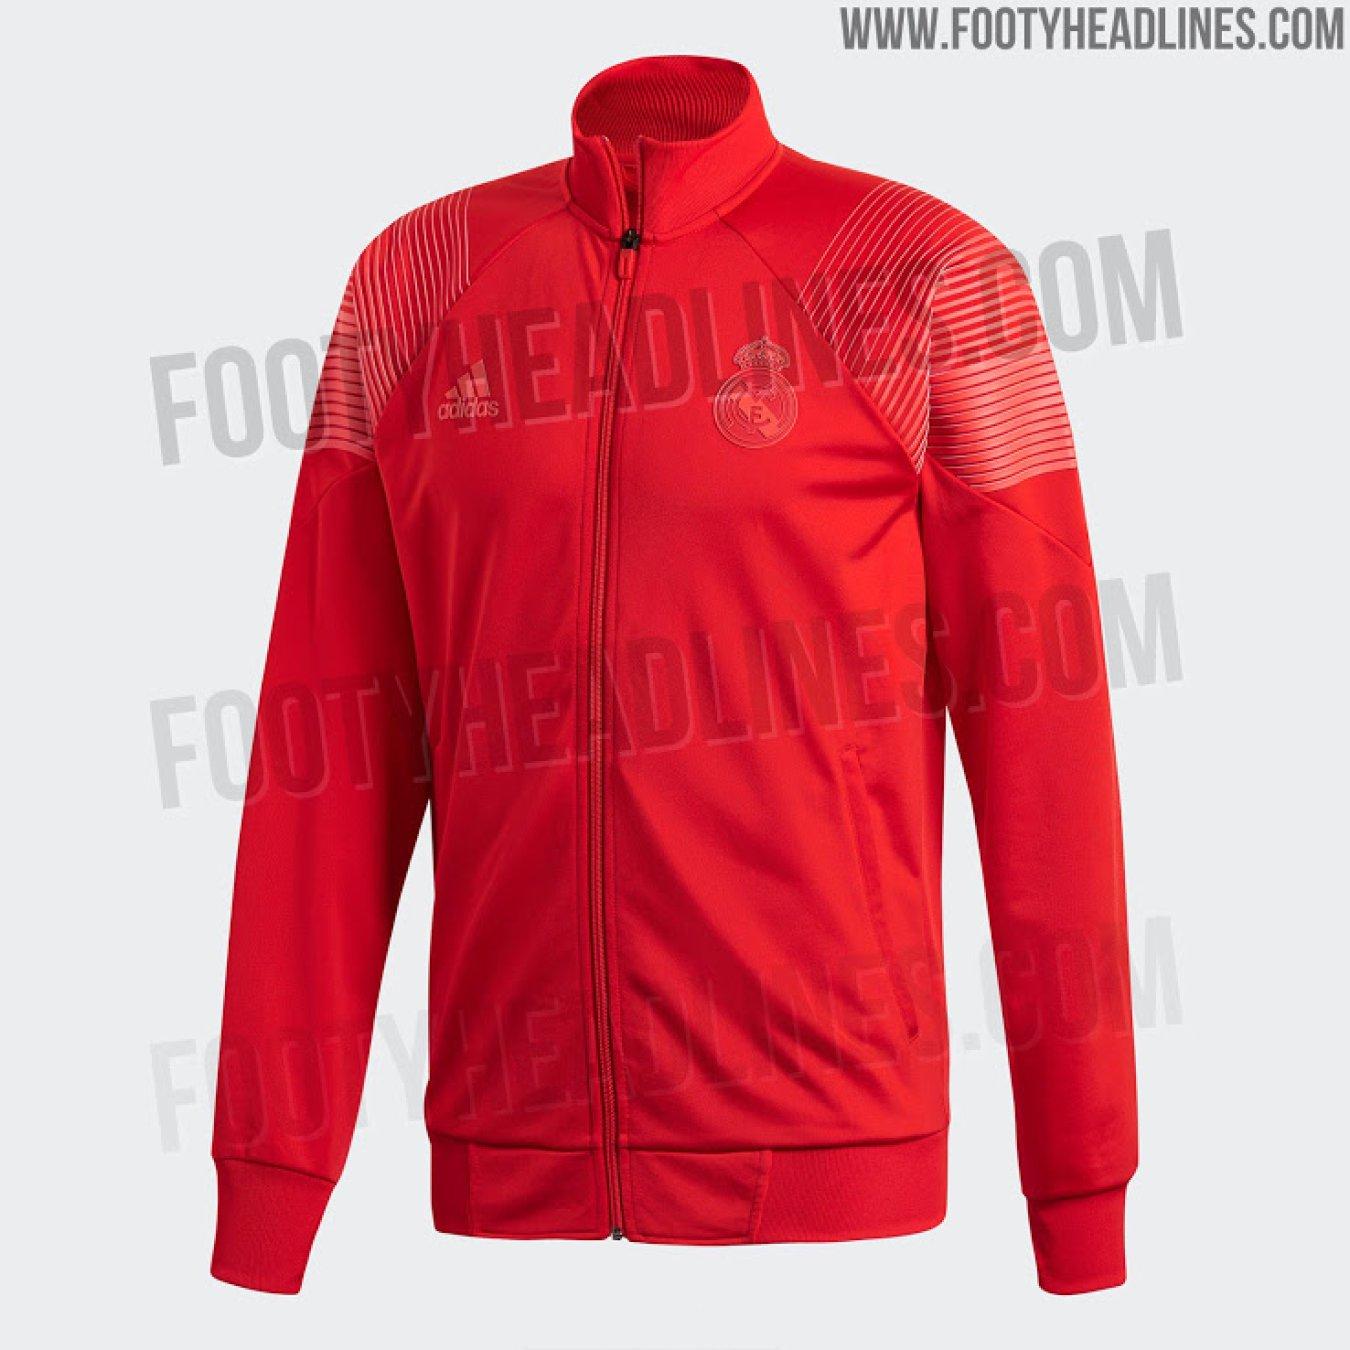 77ab5012e10f4 La sudadera Adidas Tango roja que lucirá el Real Madrid durante la  temporada 2018-2019.